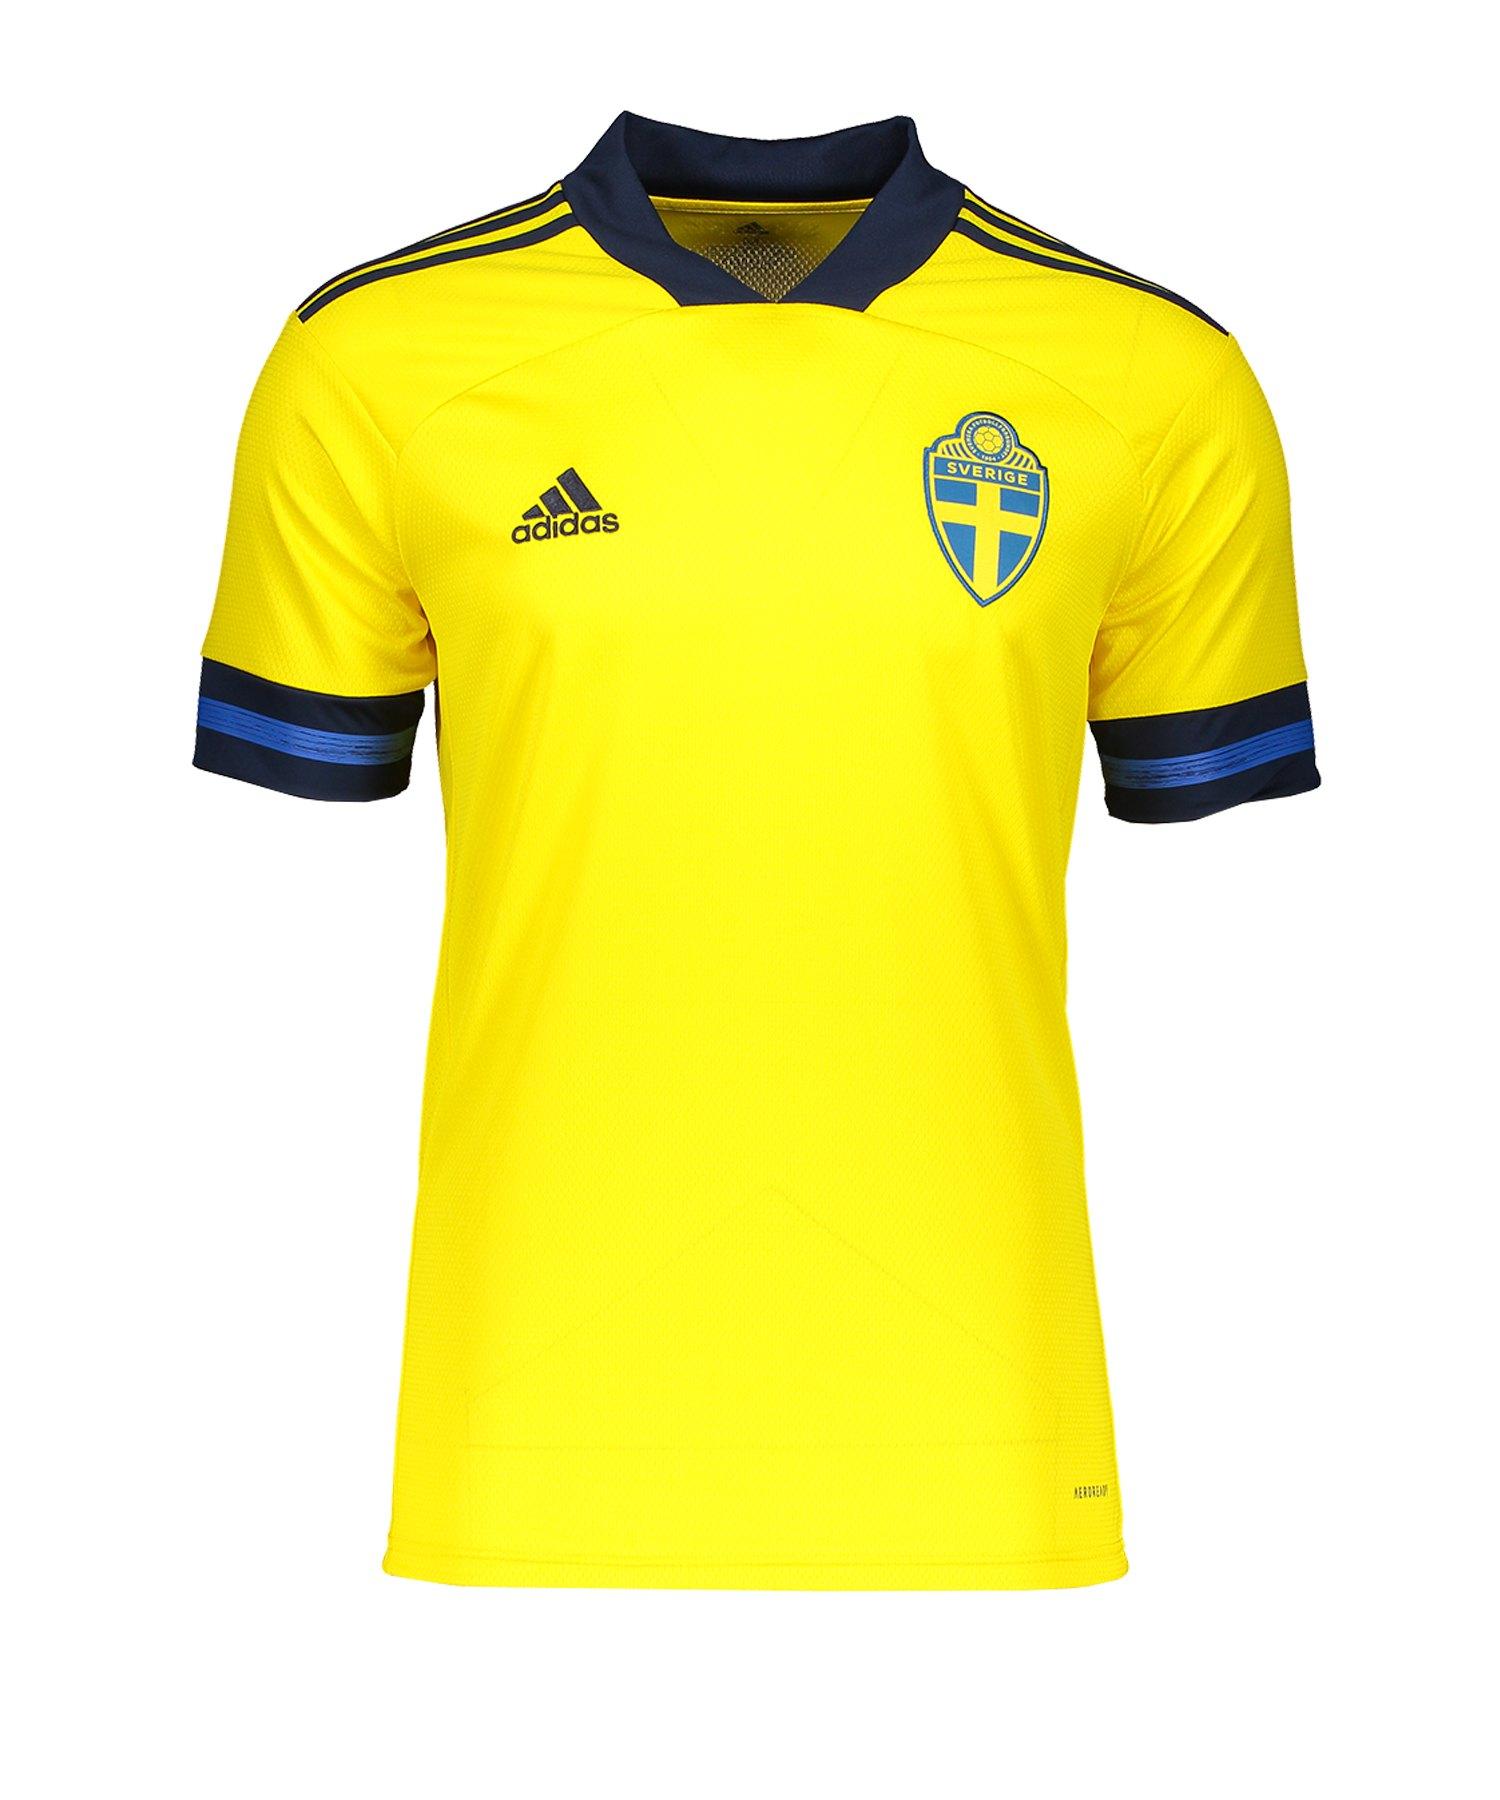 adidas Schweden Trikot Home EM 2020 Gelb - gelb